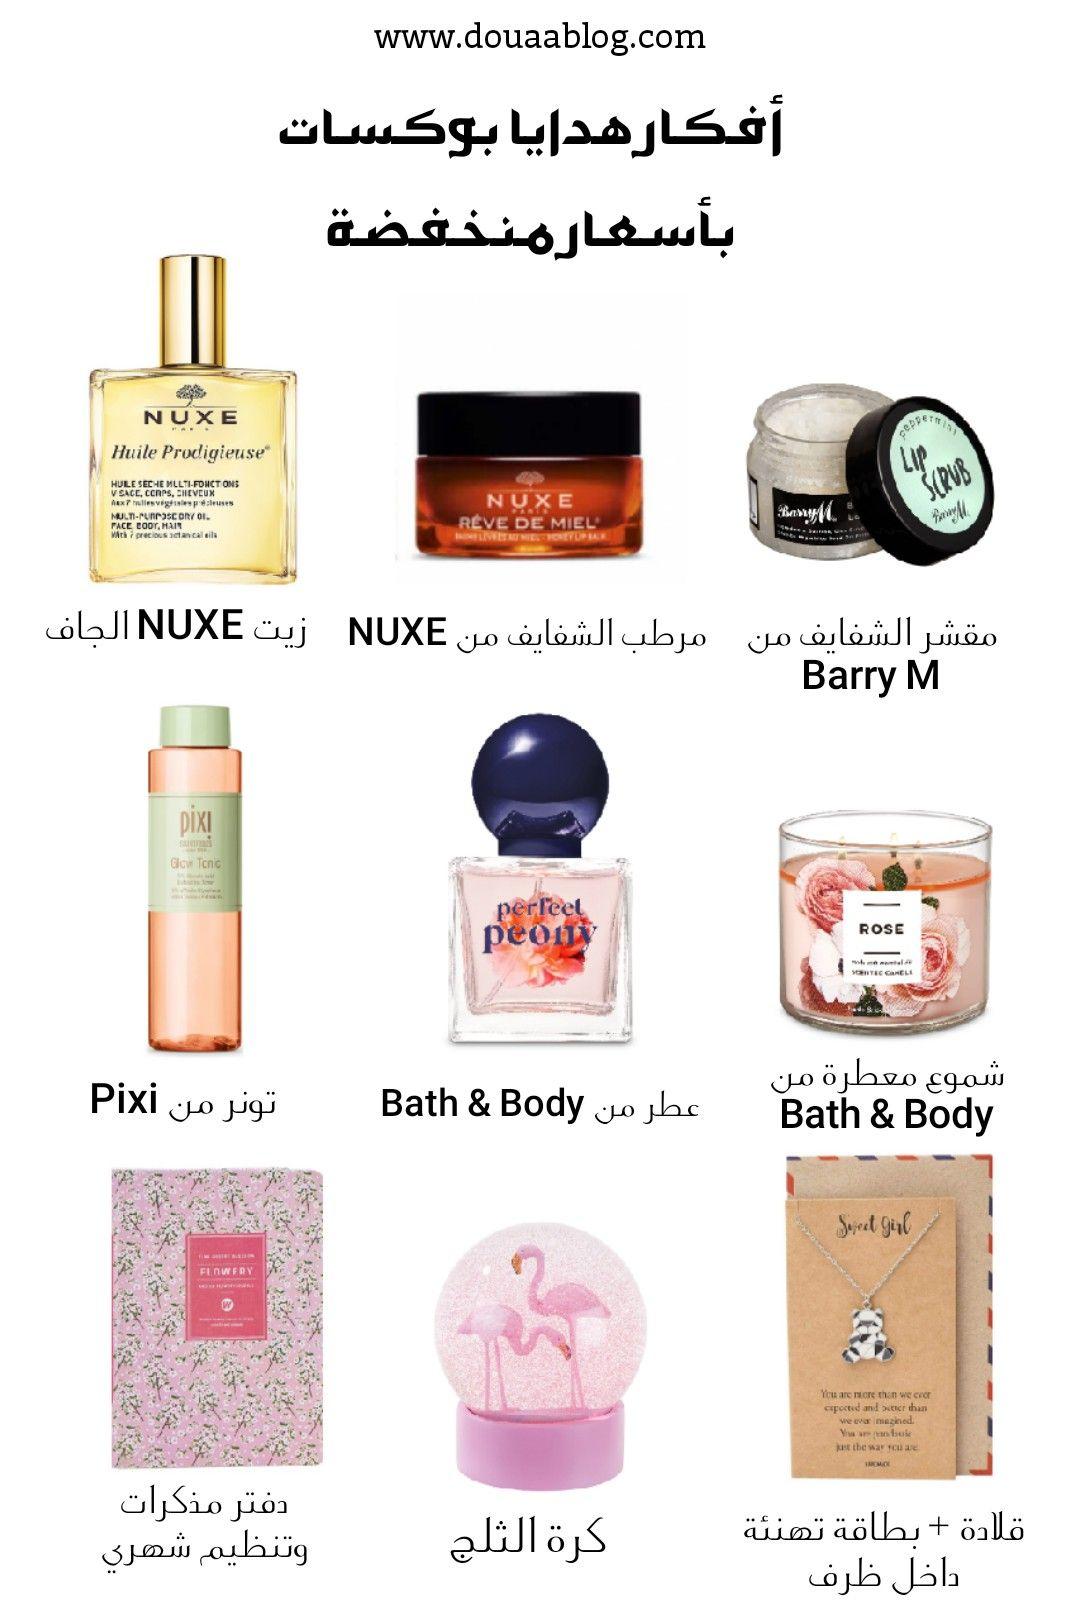 أفكار هدايا بوكسات Beautiful Arabic Words Gifts Bath And Body